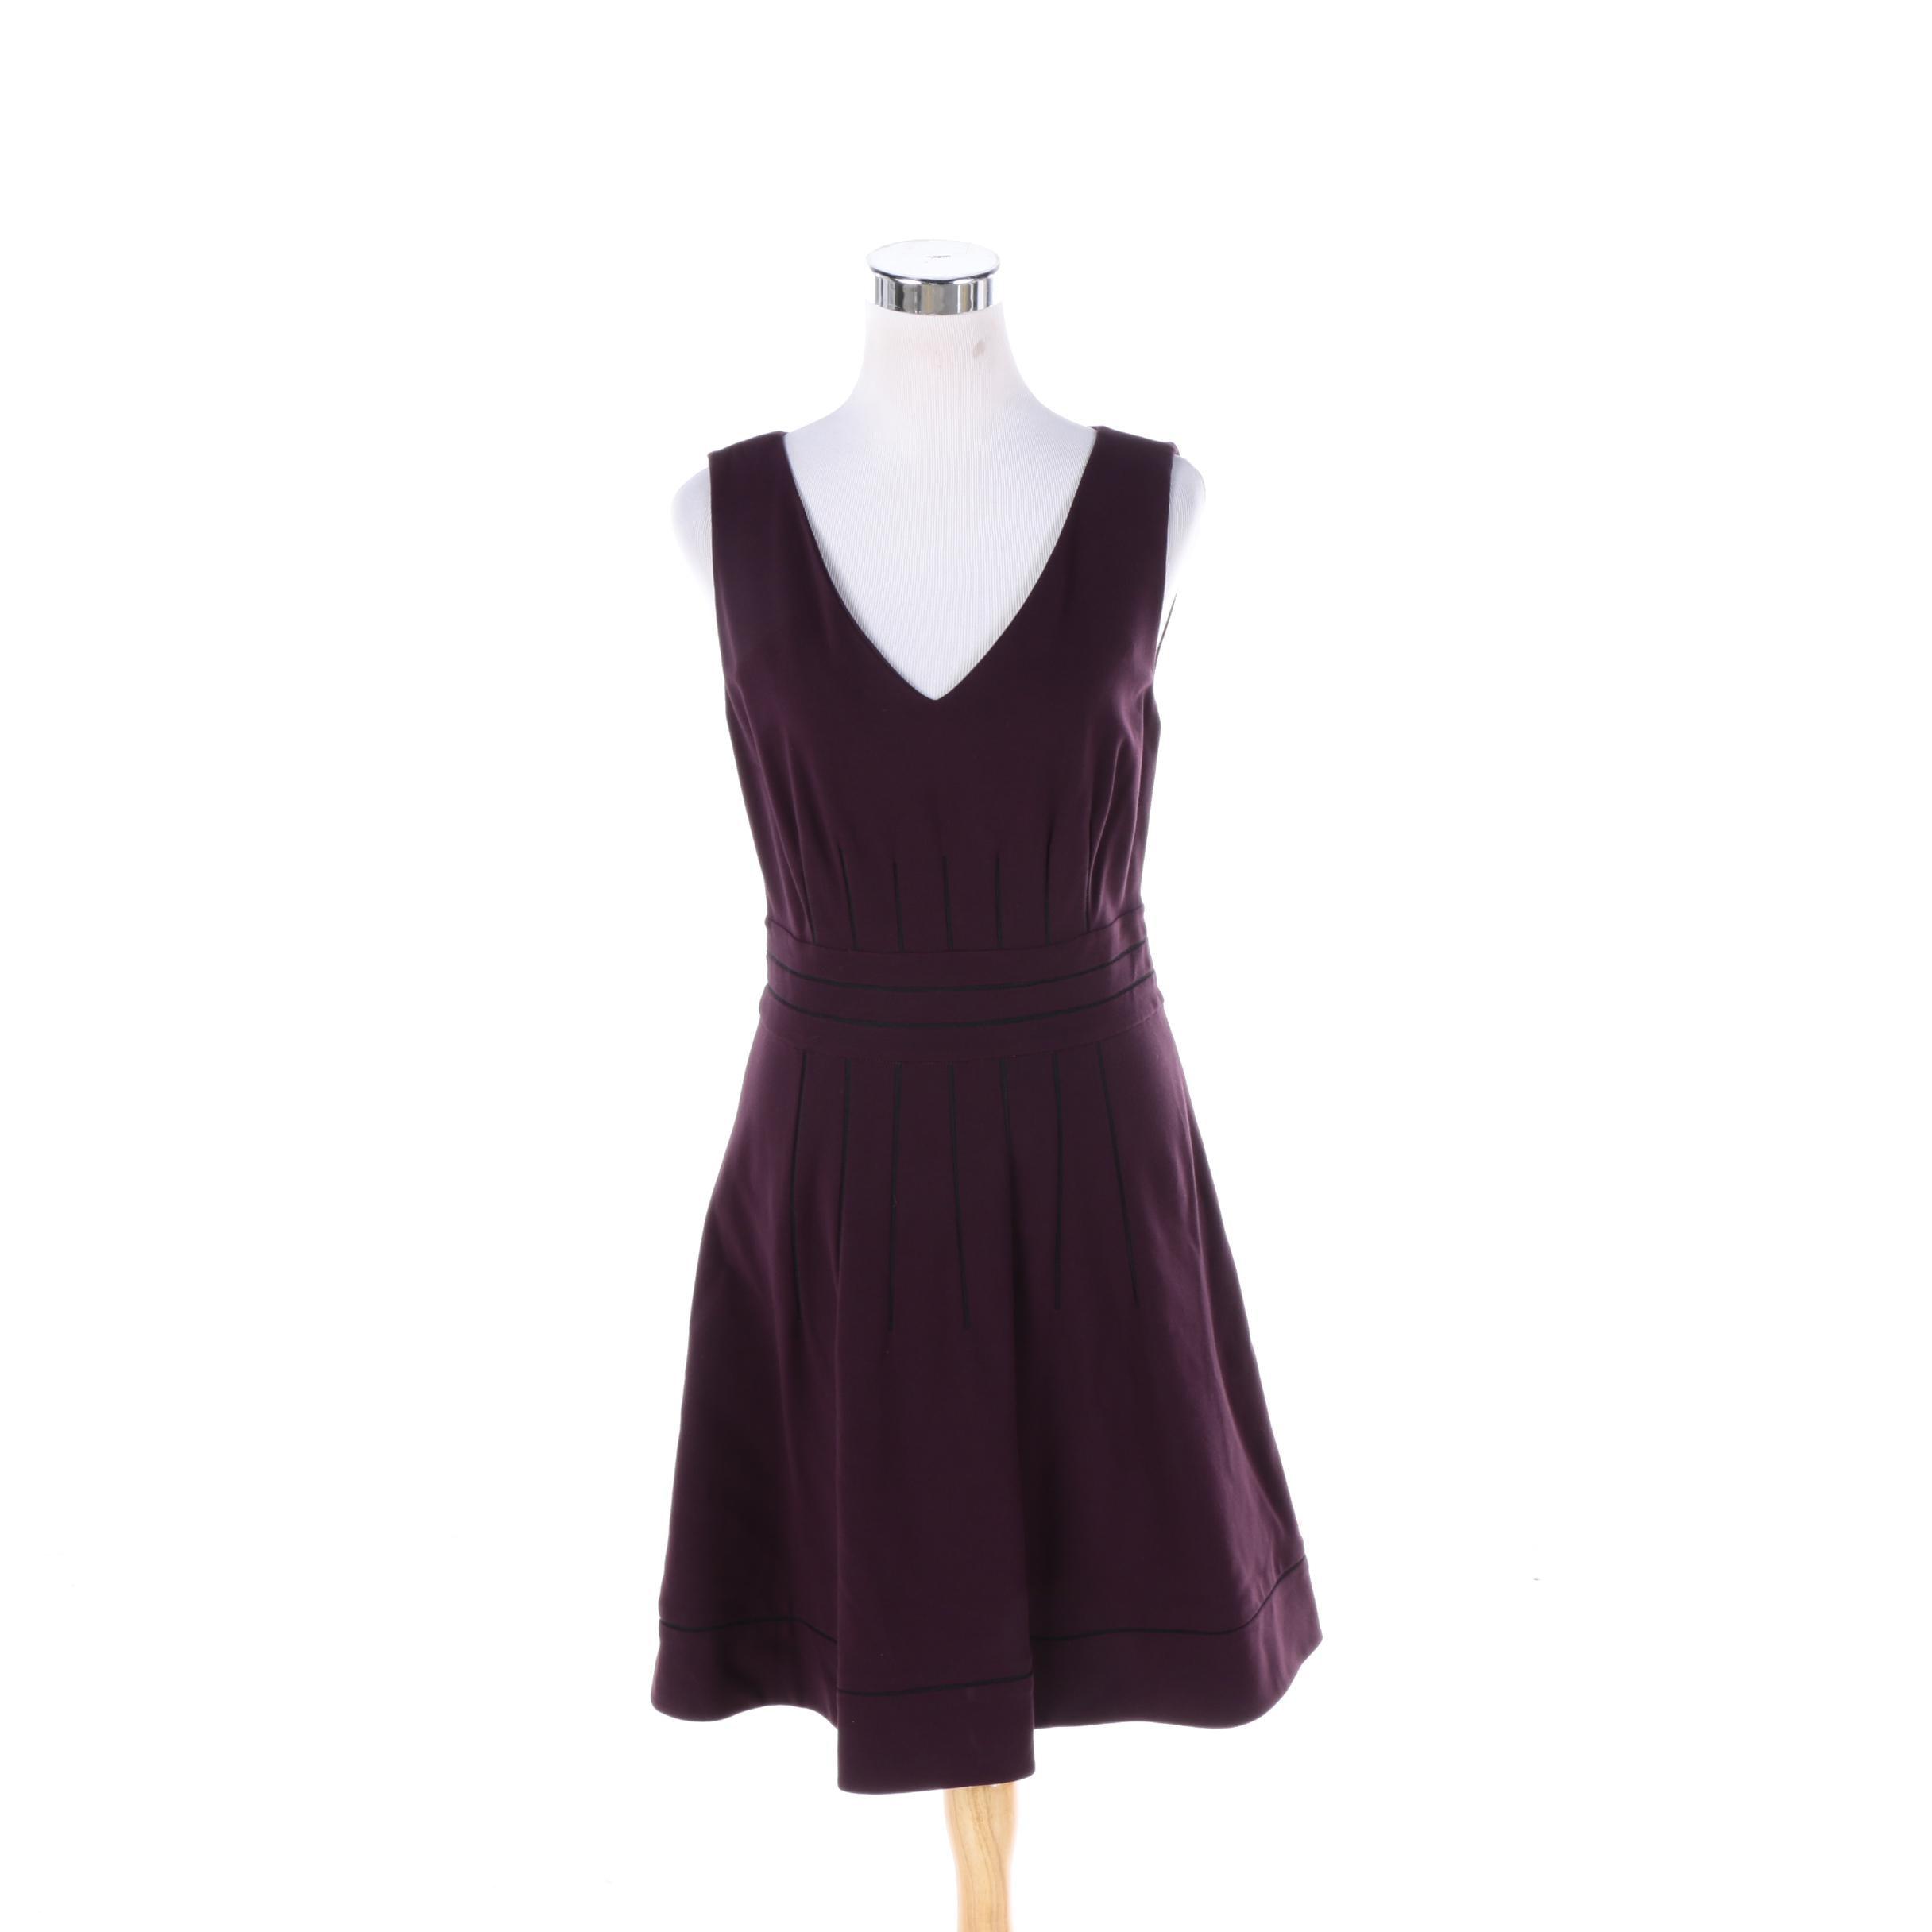 NWT Diane von Furstenberg Georgette Eggplant Sleeveless Dress